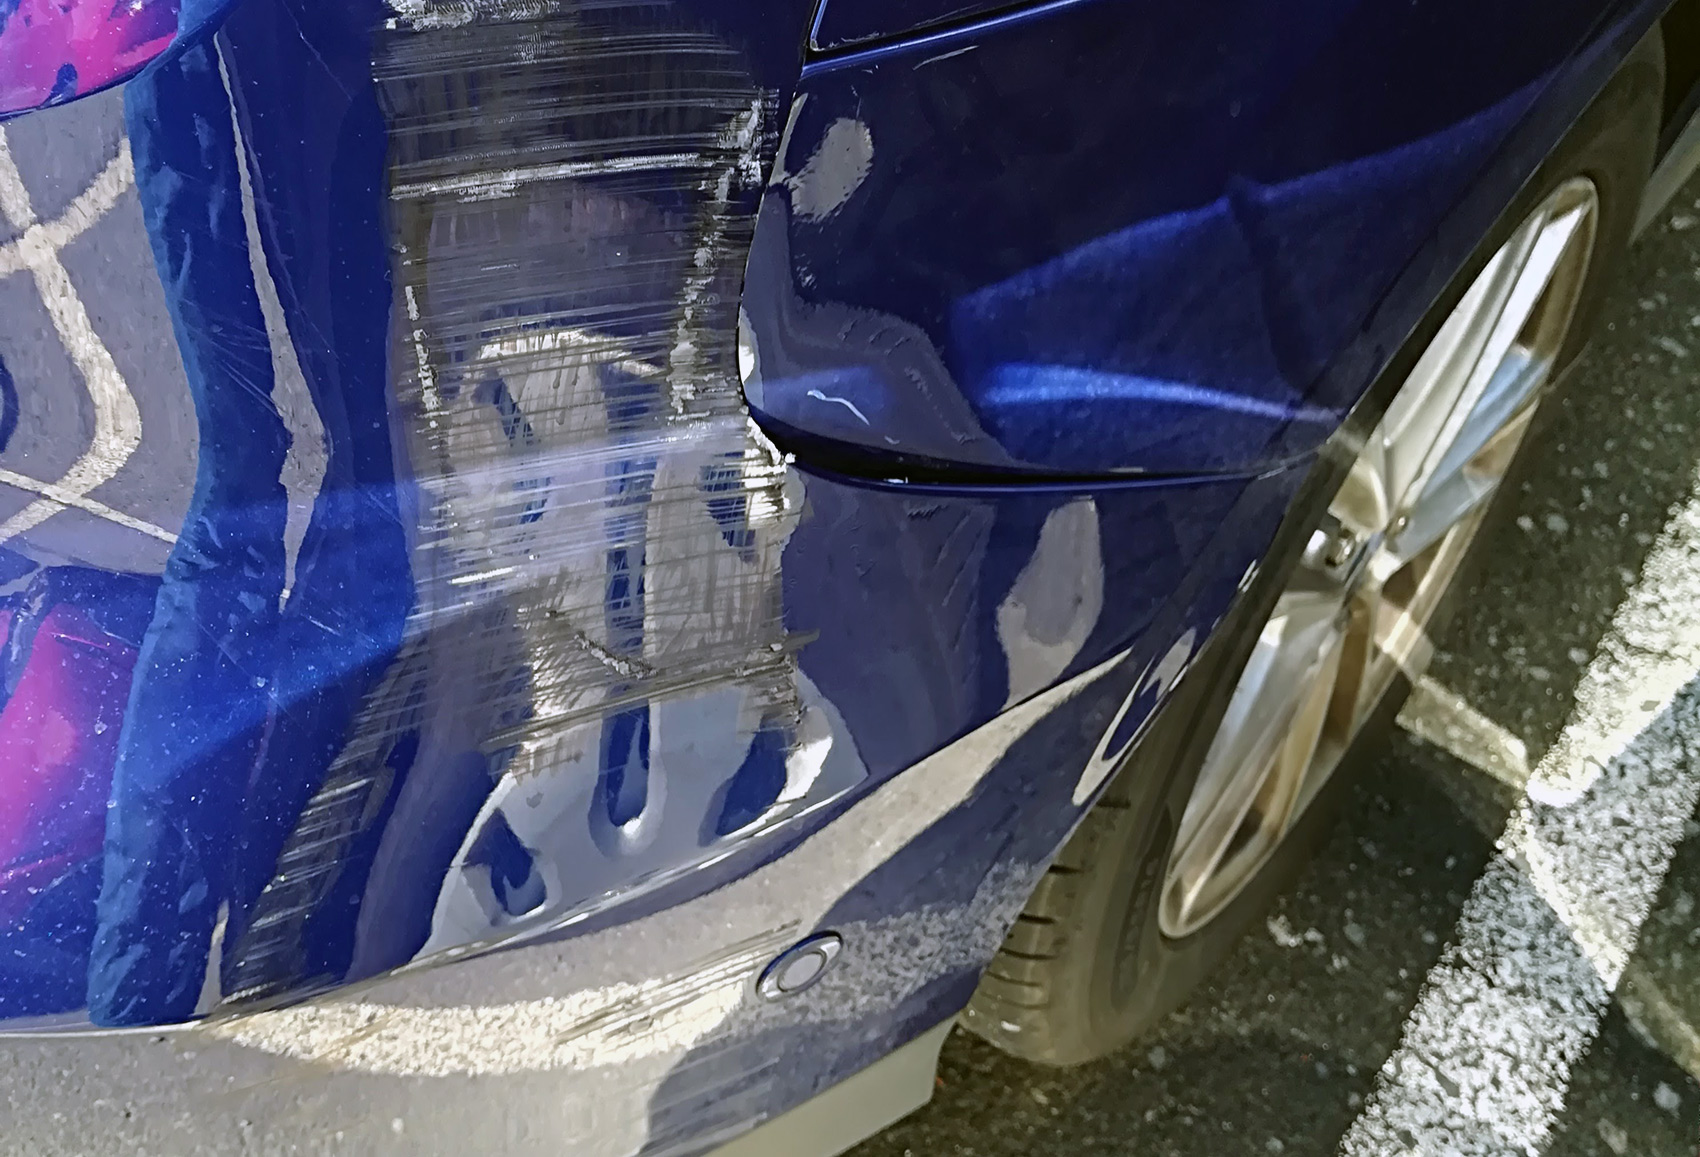 Mange opplever å få bulket og eller skrapet bilen under parkering, og synderne stikker ofte av. (Foto: Bil24)